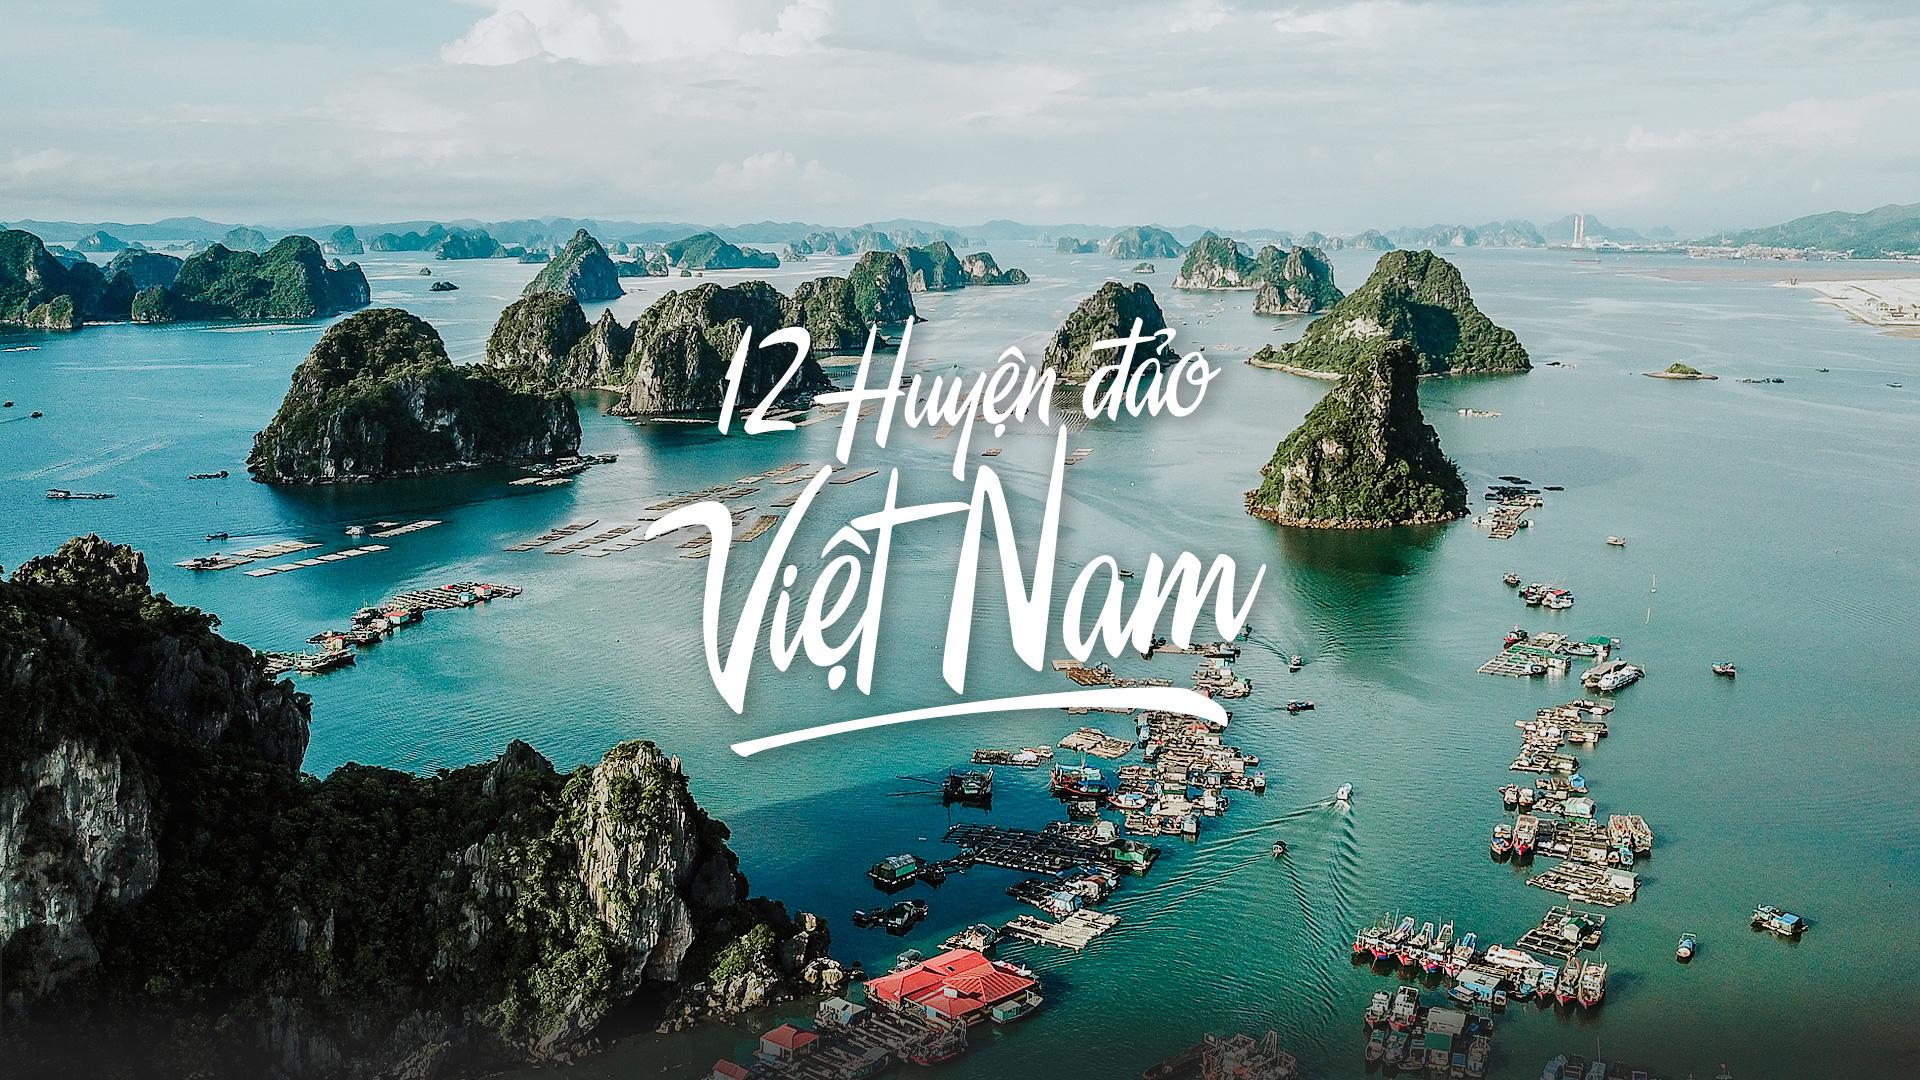 12 huyện đảo Việt Nam